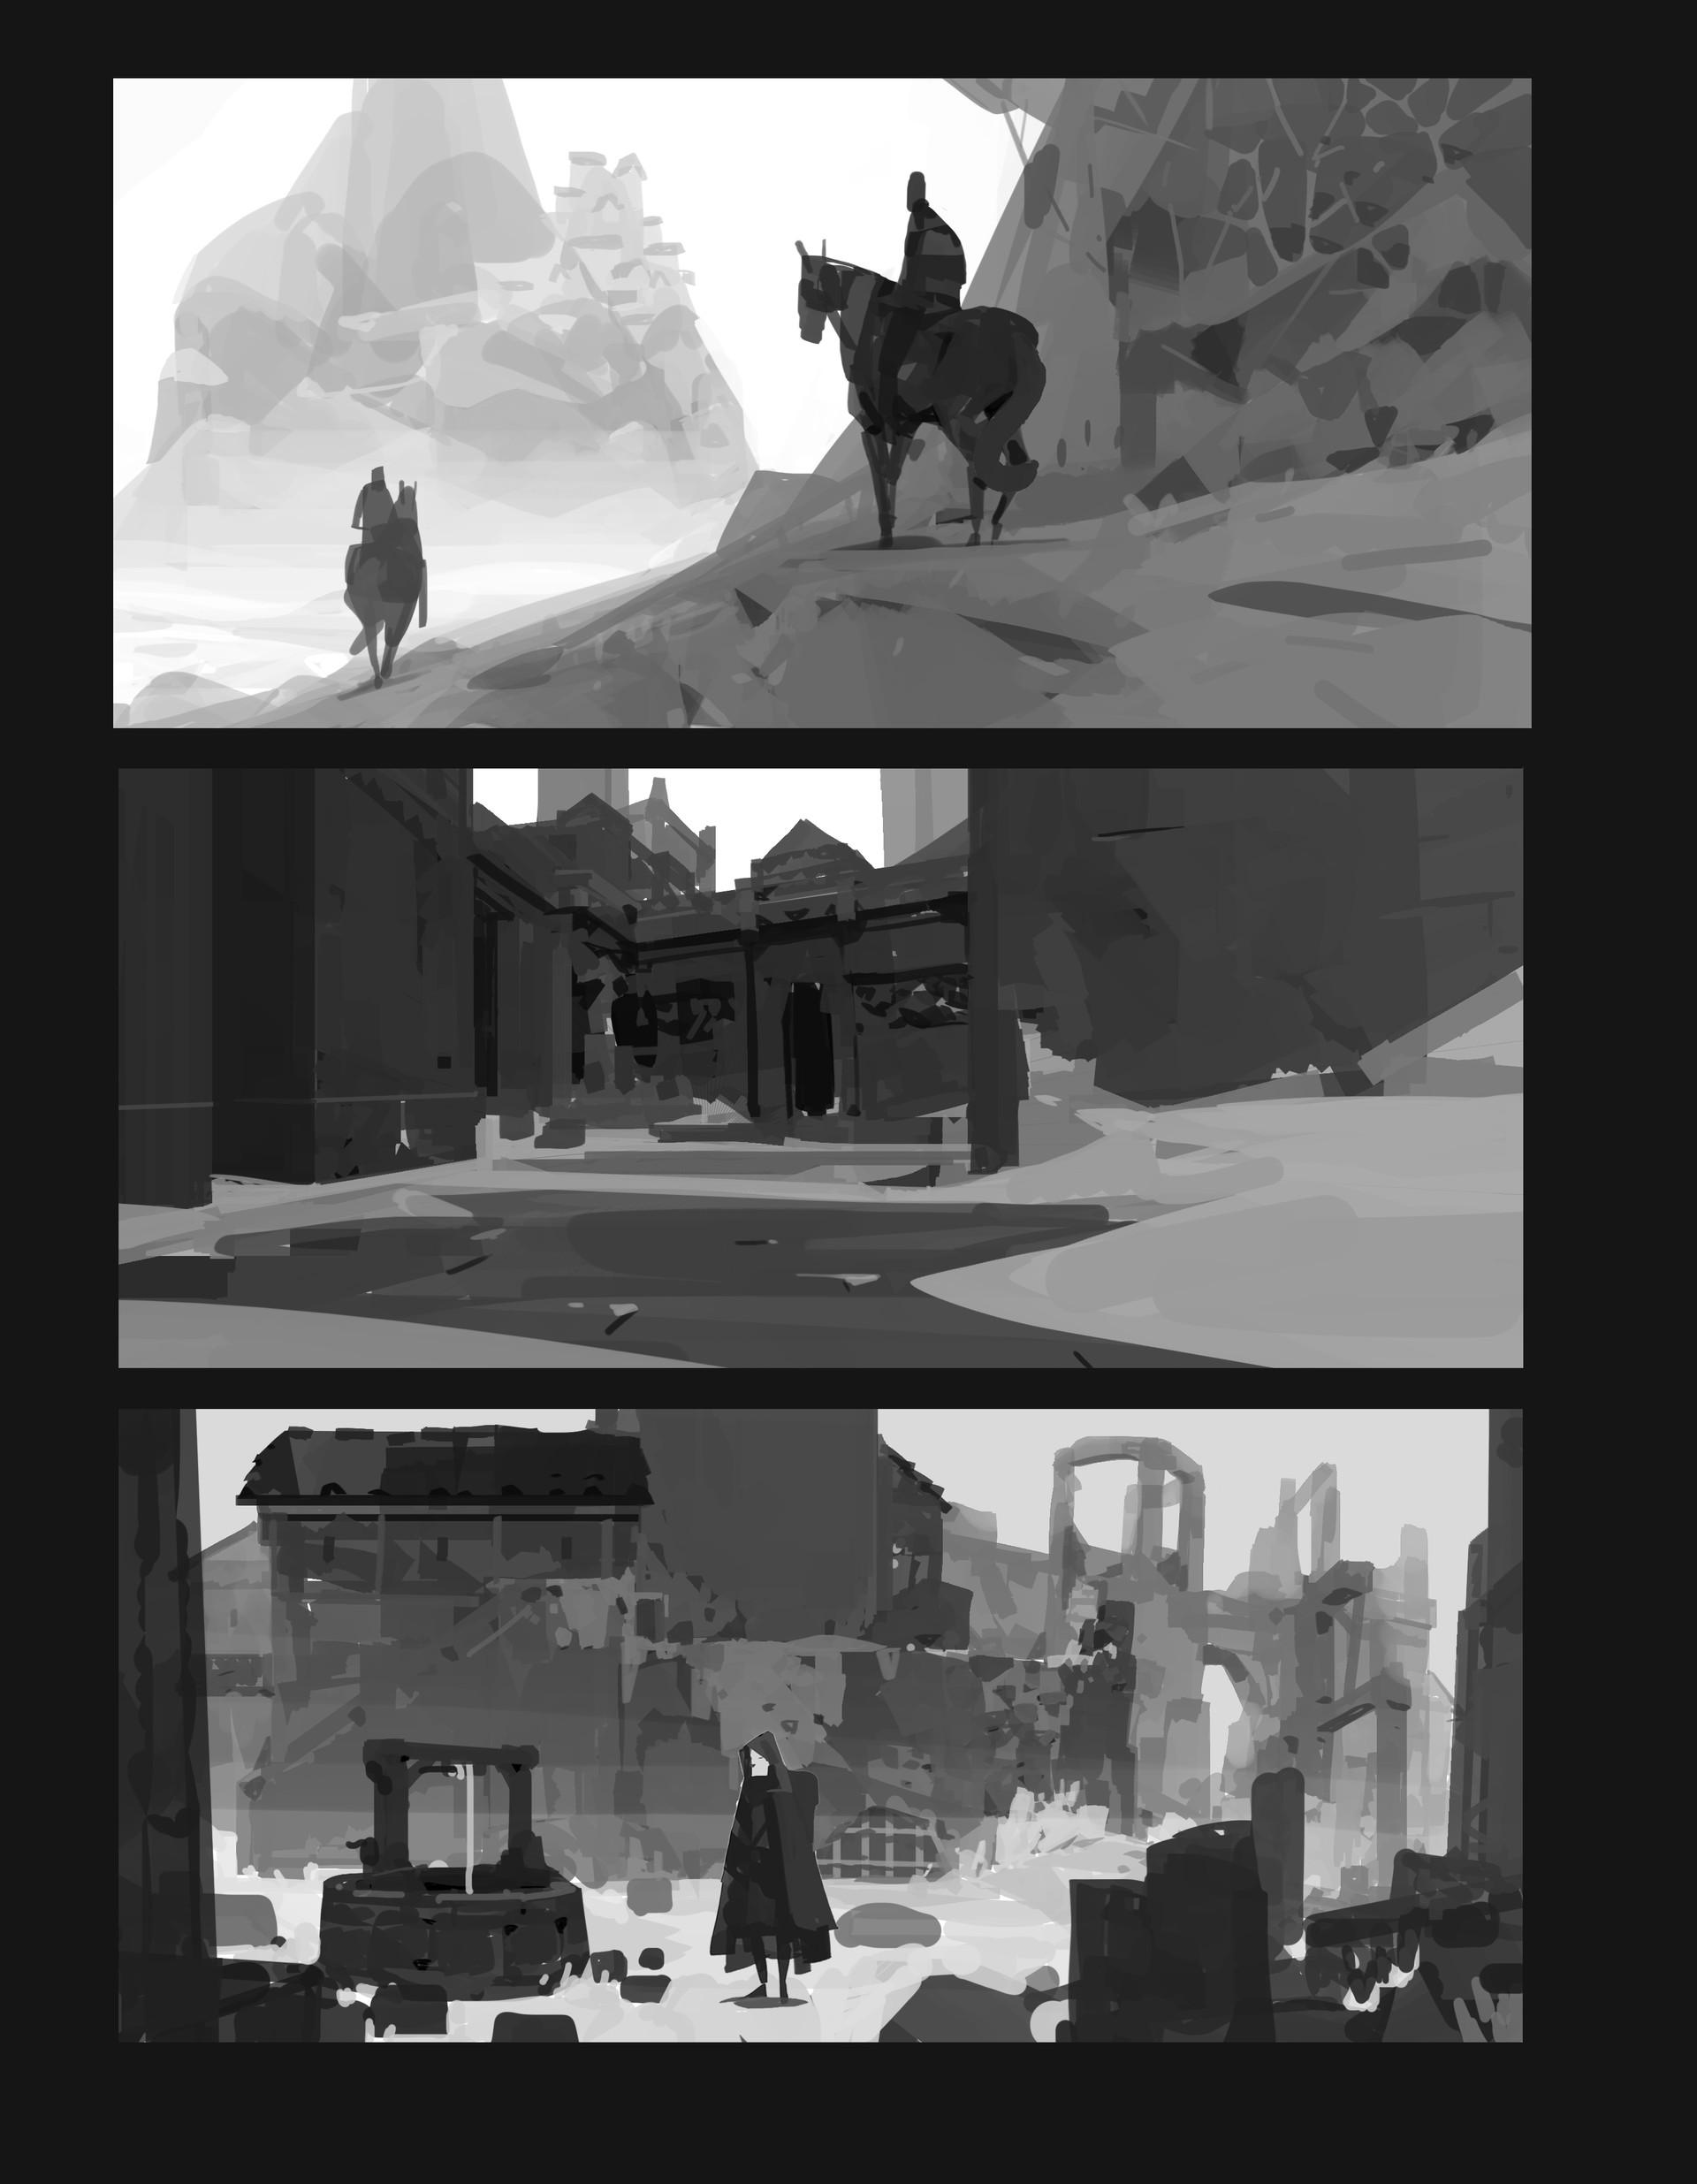 La galerie de loulou - Page 2 Petter-faustino-9